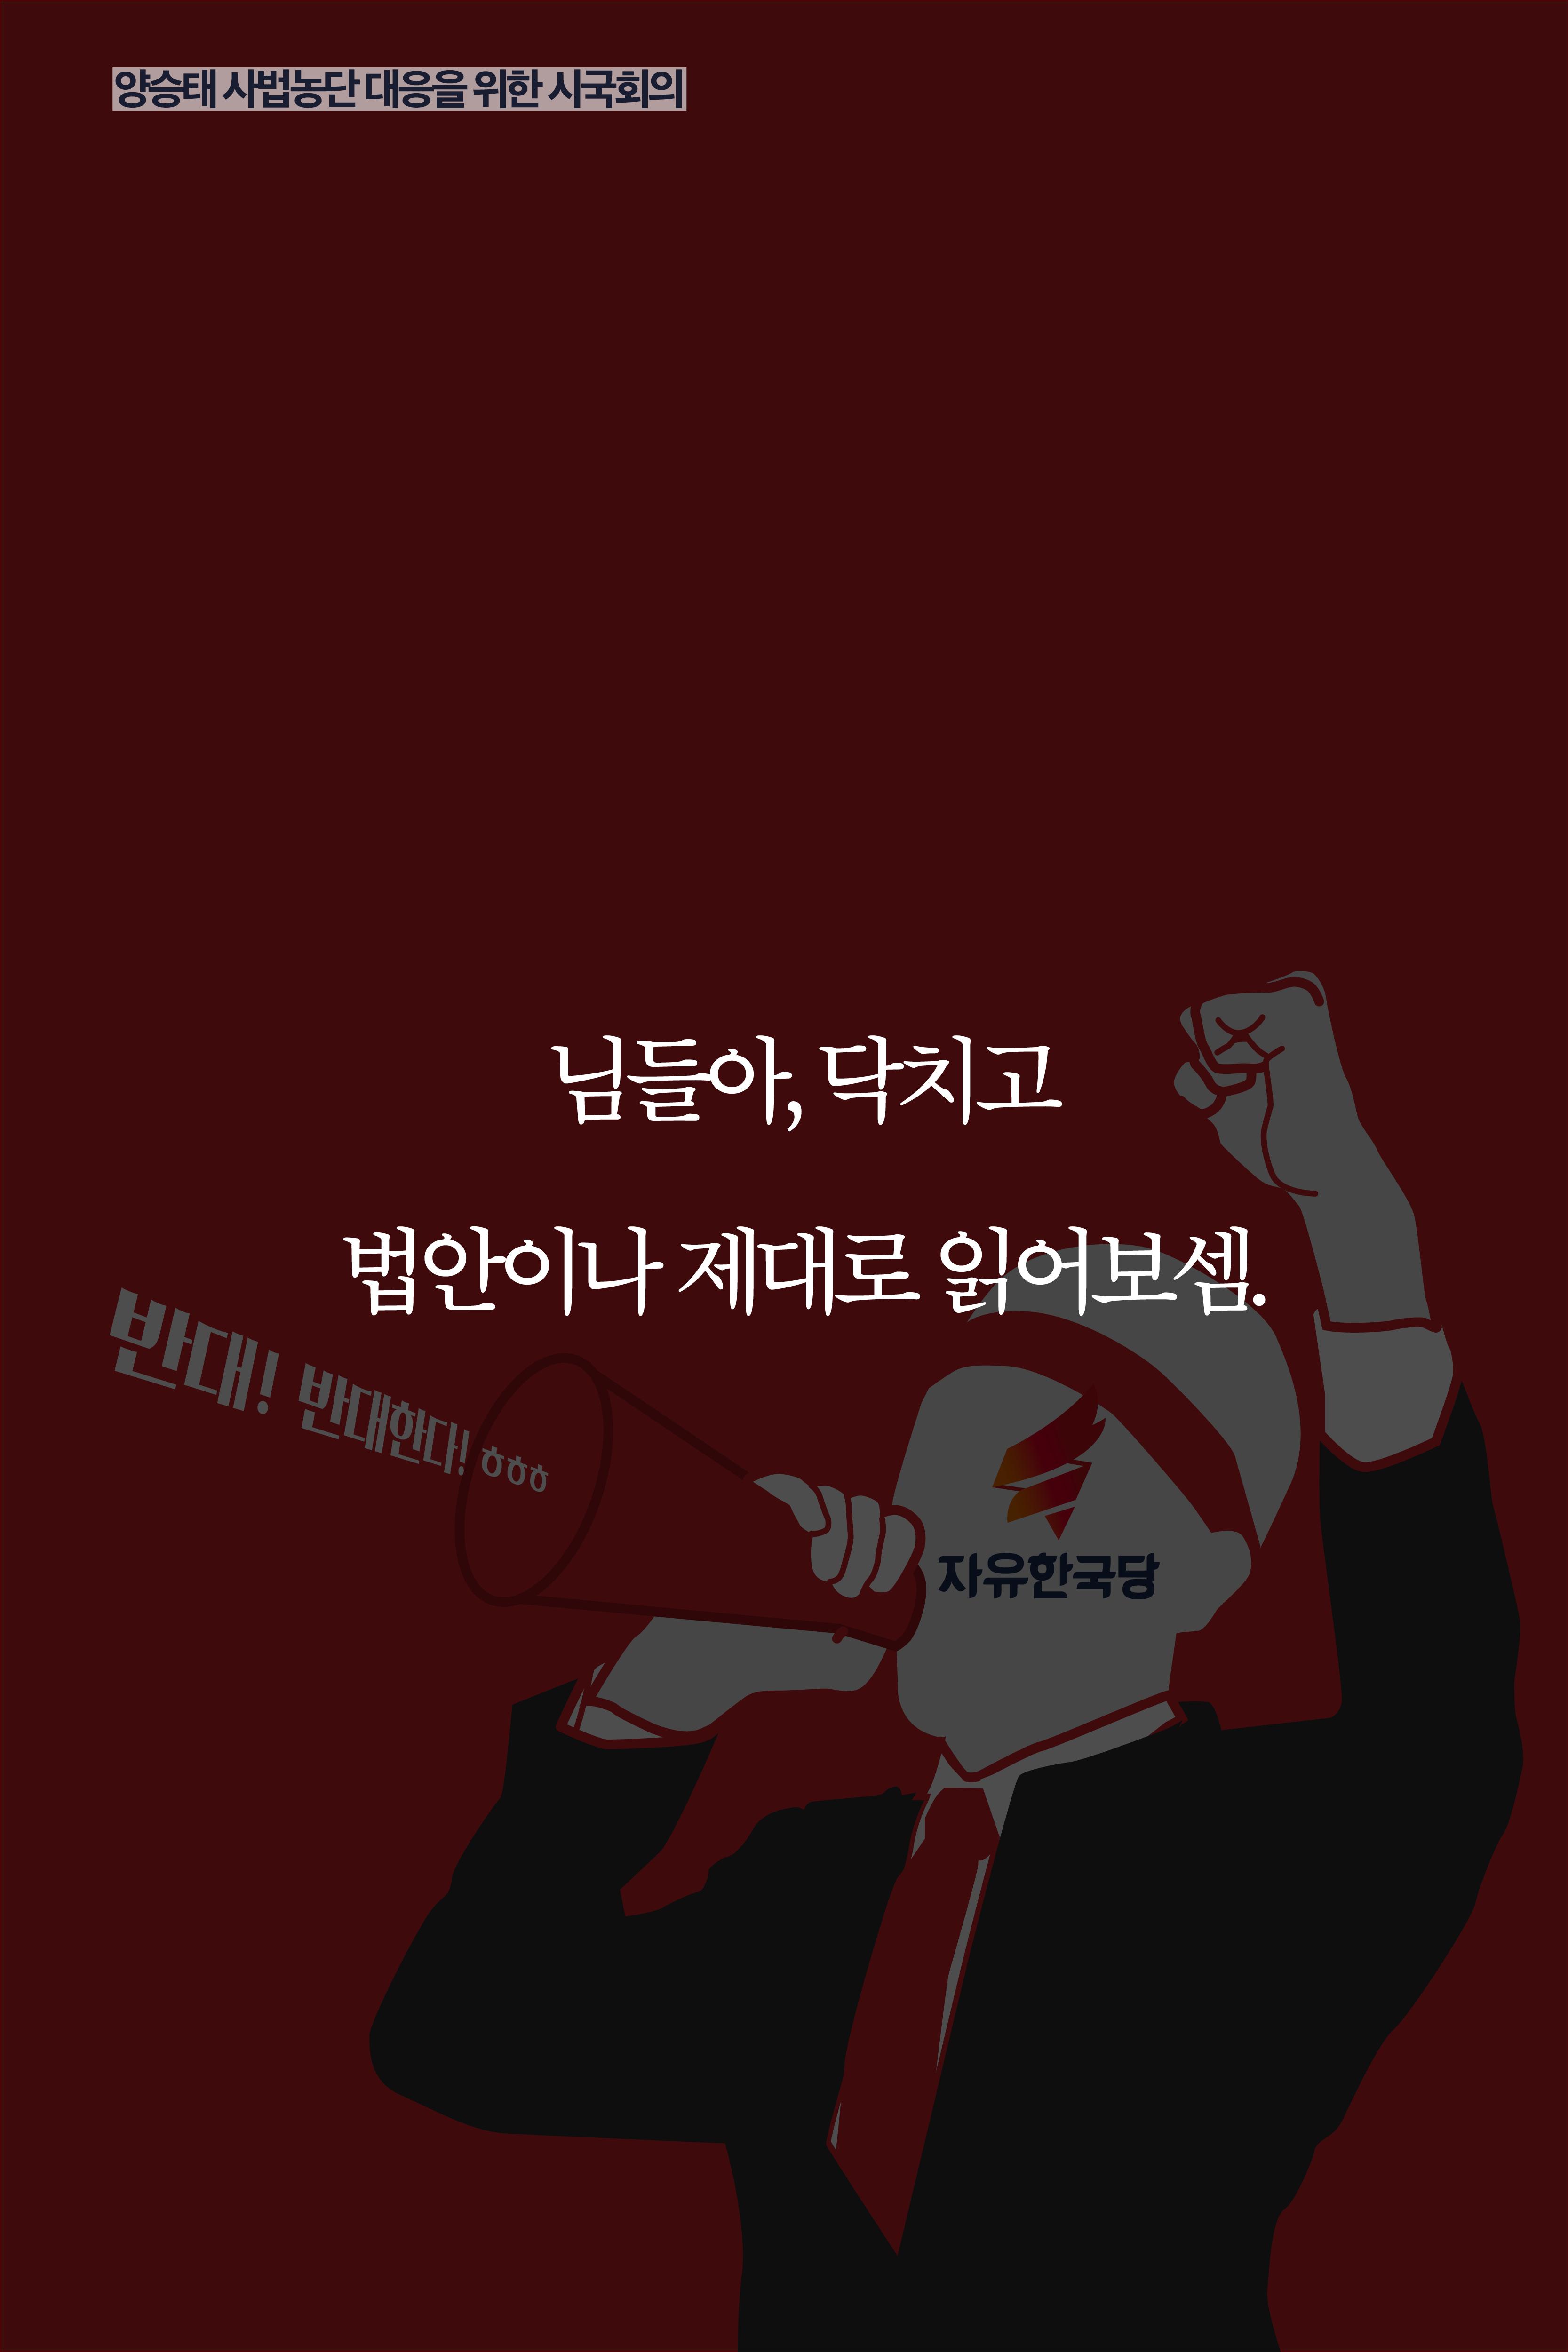 시국회의 카드뉴스 14p (수정2)3.jpg